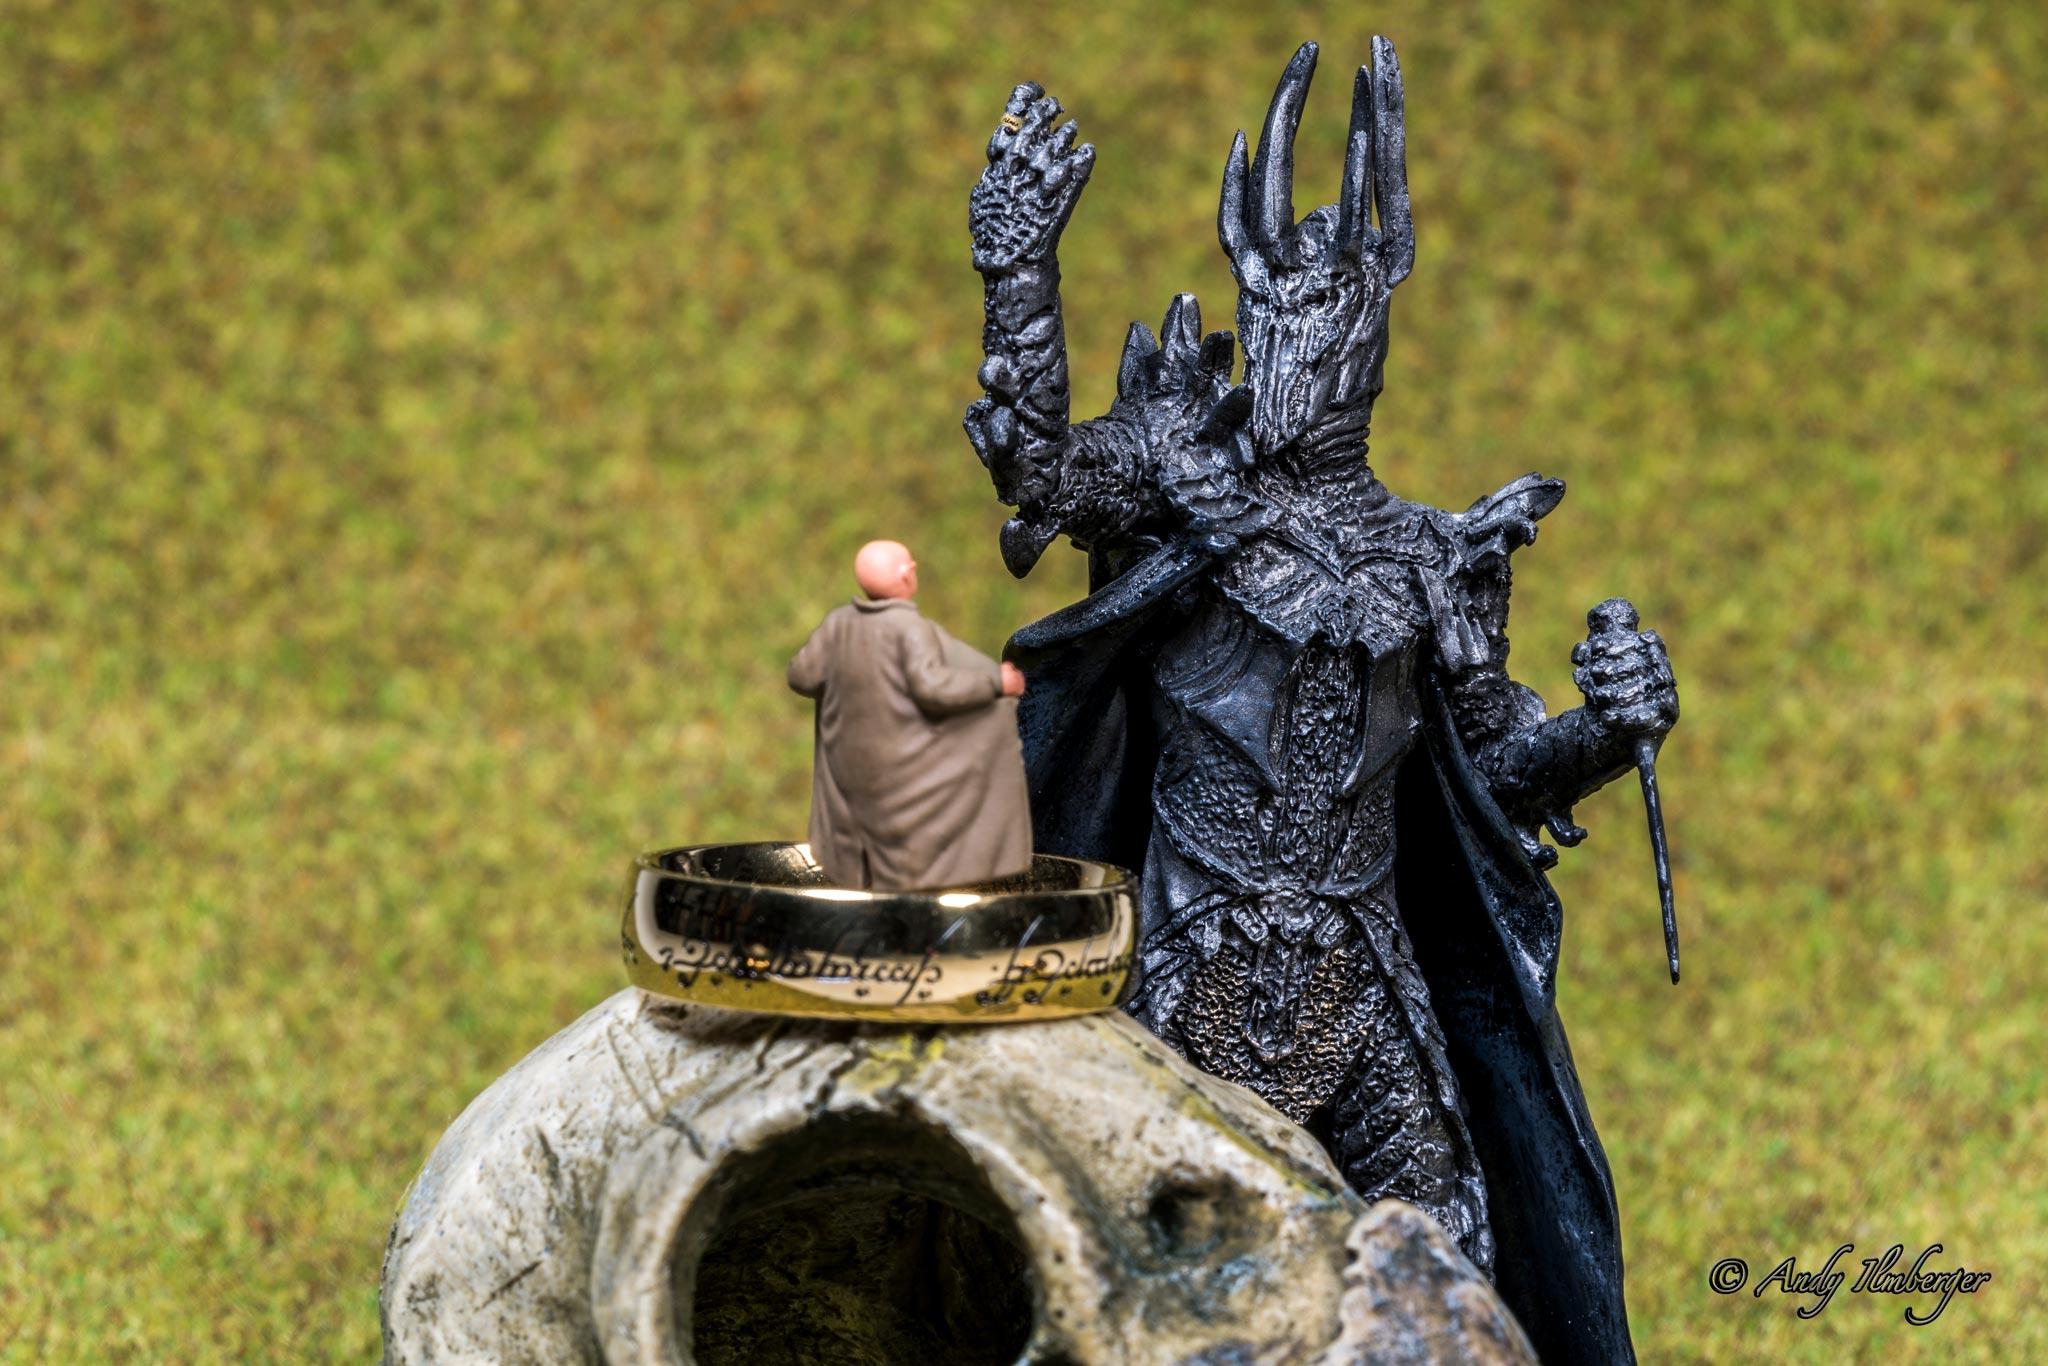 H0-Helden - Exhibitionist versus Sauron - H0-Figuren in Szene gesetzt von © Andy Ilmberger im Kleine-Helden.Club